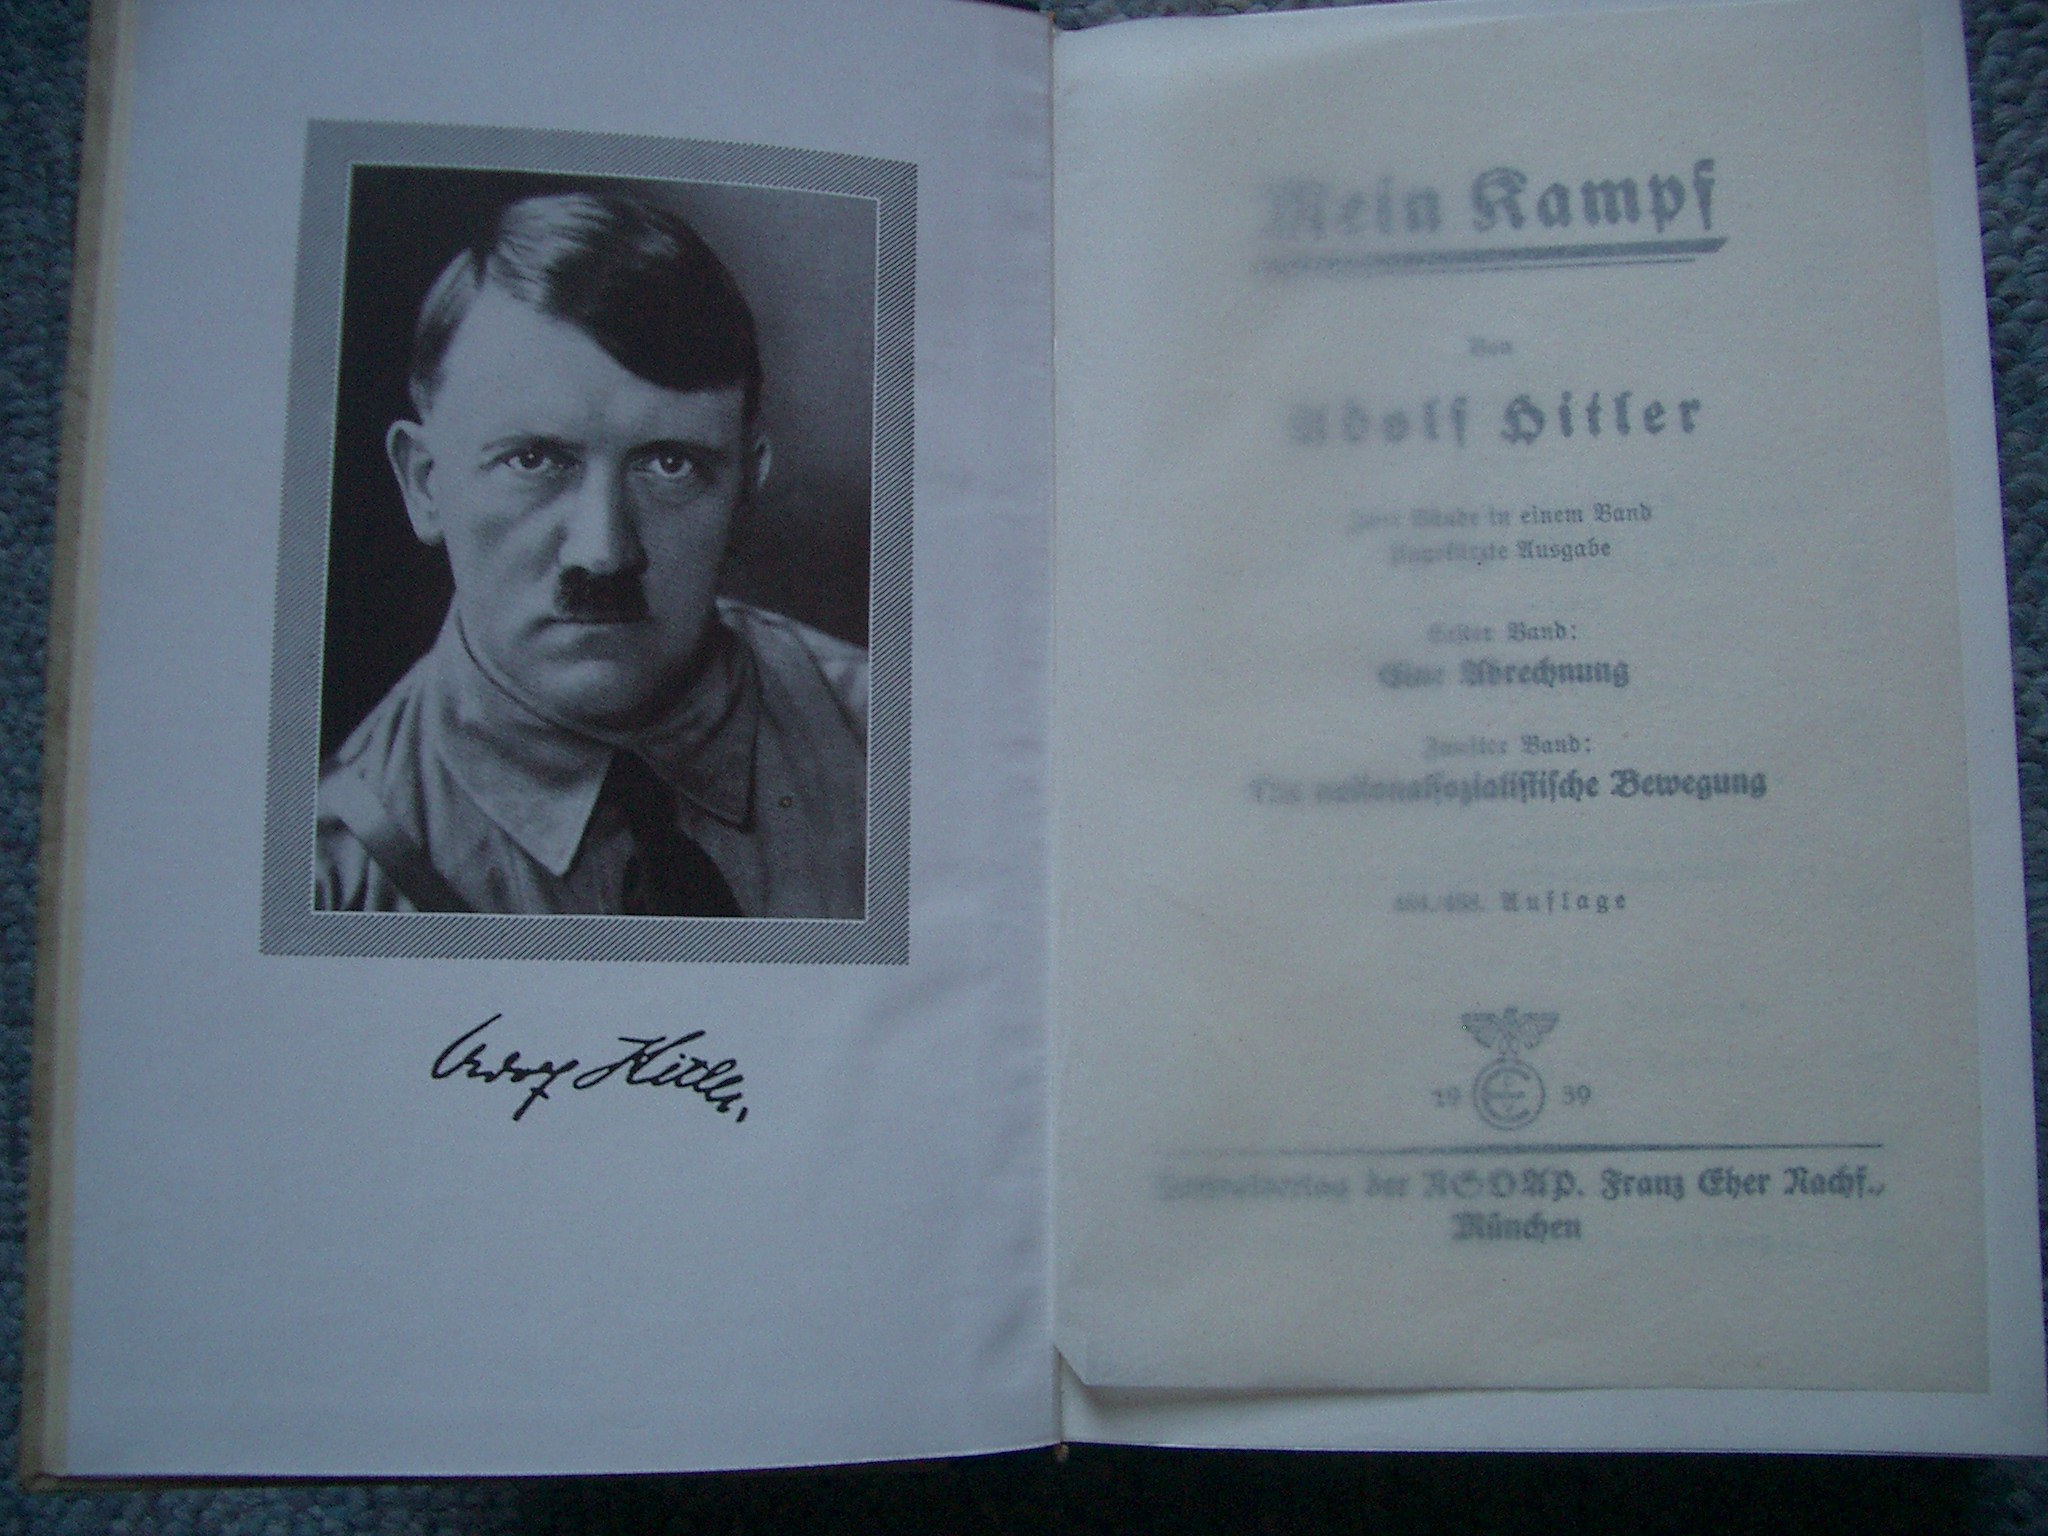 Mein Kampf Buch